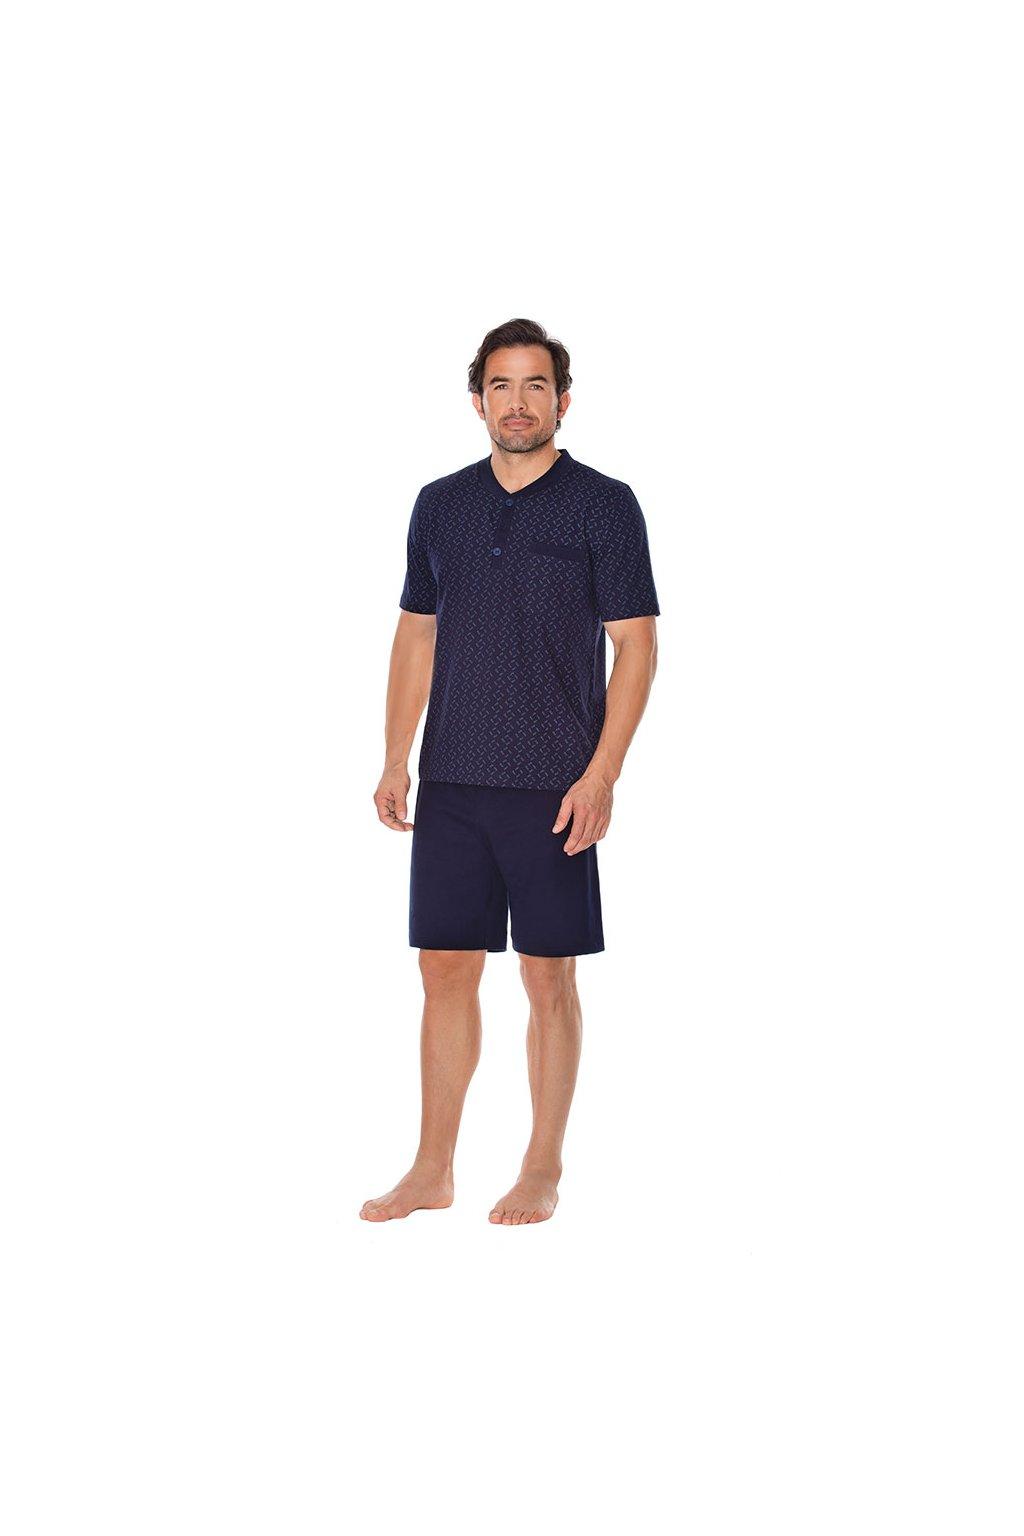 Pánské pyžamo s krátkým rukávem, 204110 208, modrá